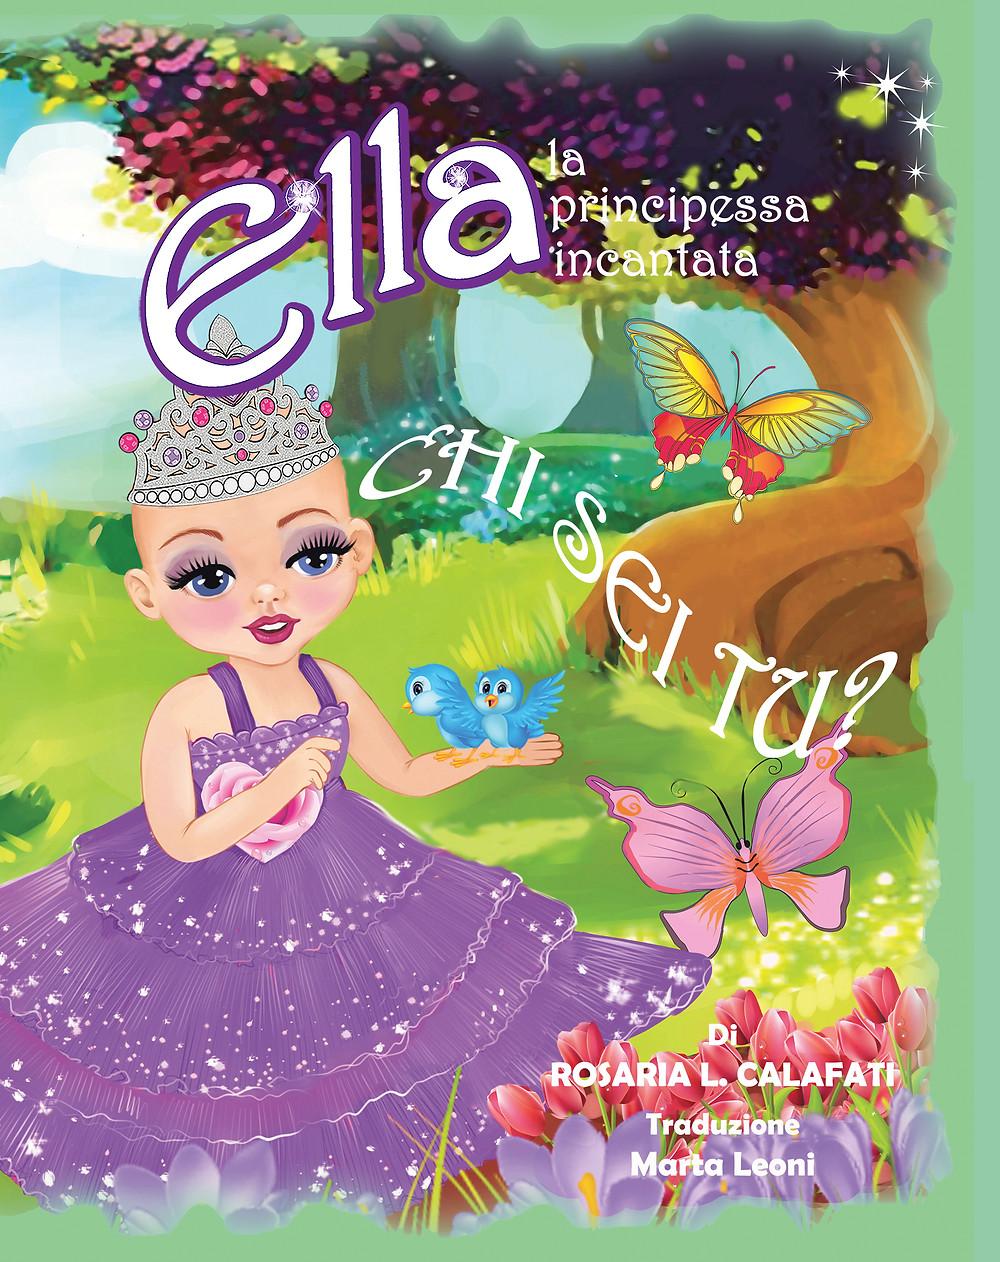 CHI SEI TU?: Ella La Principessa Incantata (Italian Edition) (Italian) Paperback – June 14, 2018